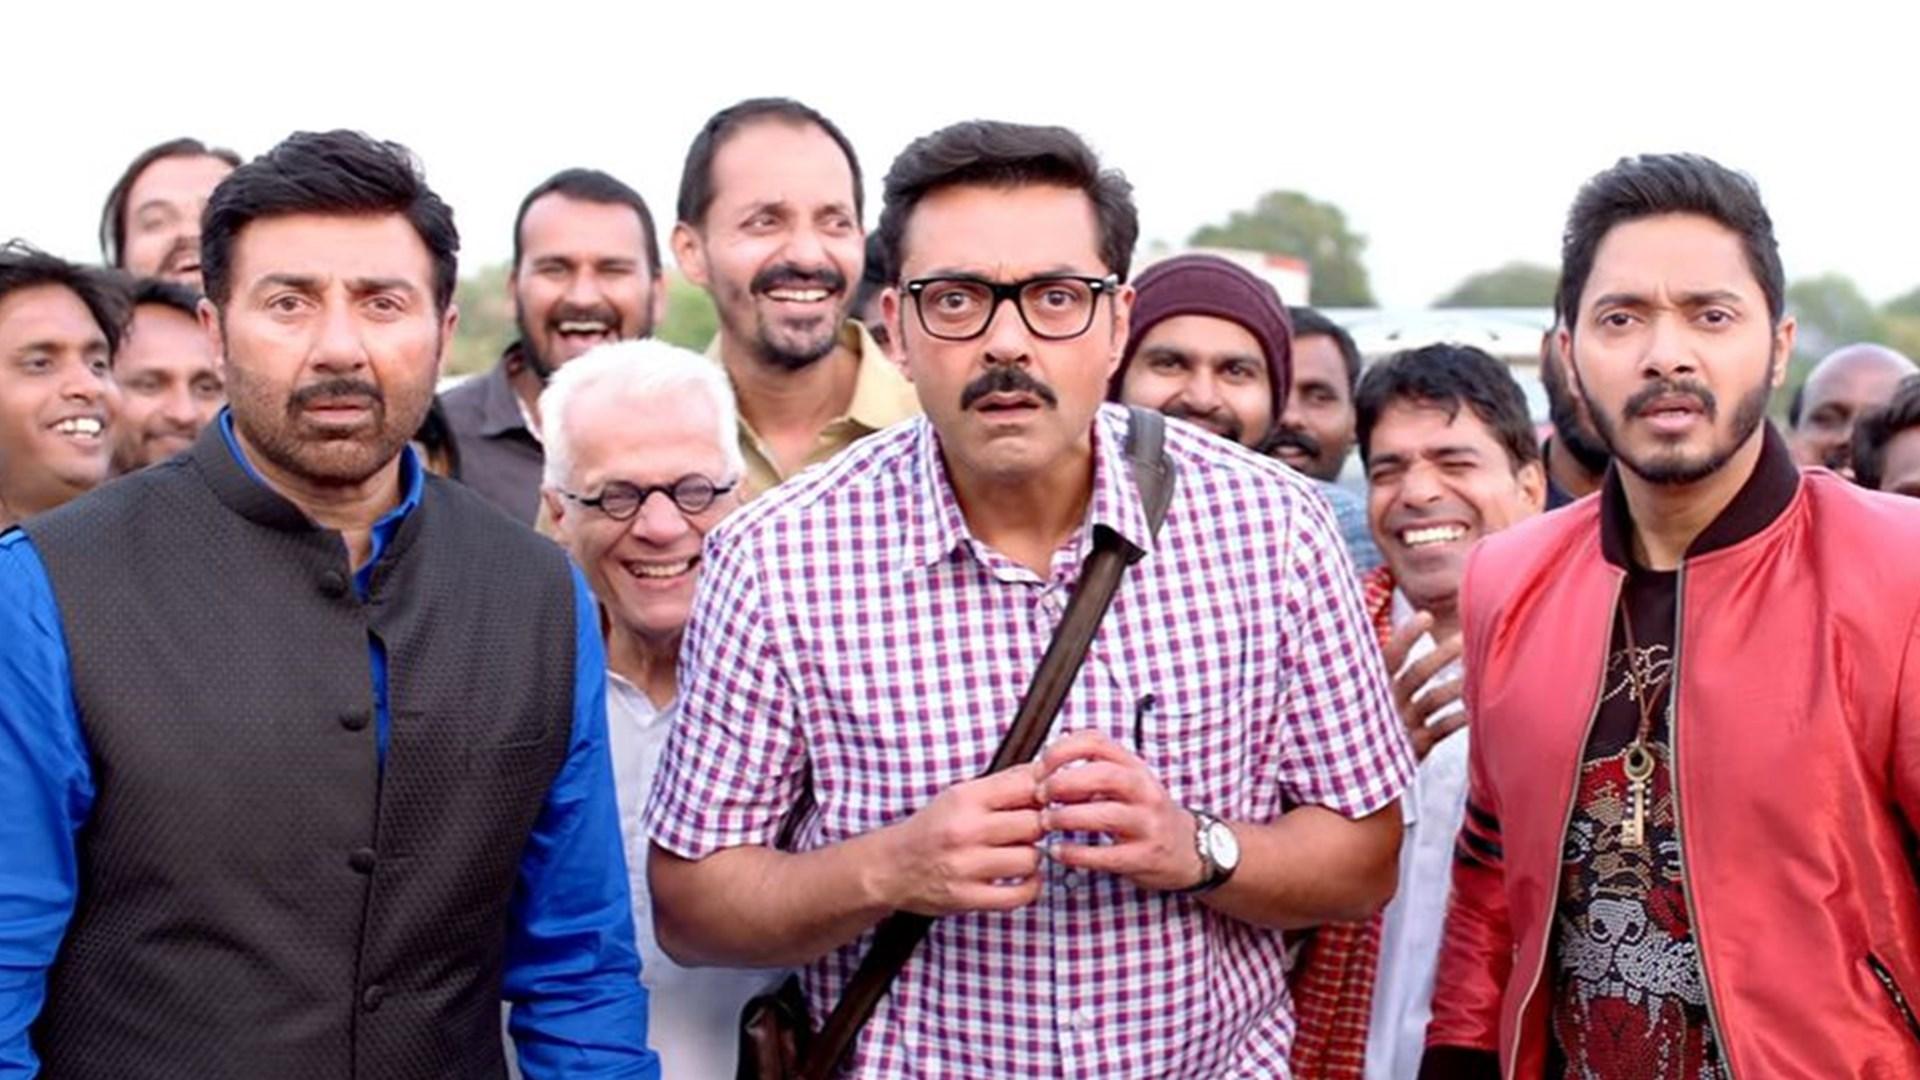 The Trio - Sunny Deol Bobby Deol and Shreyas Talpade